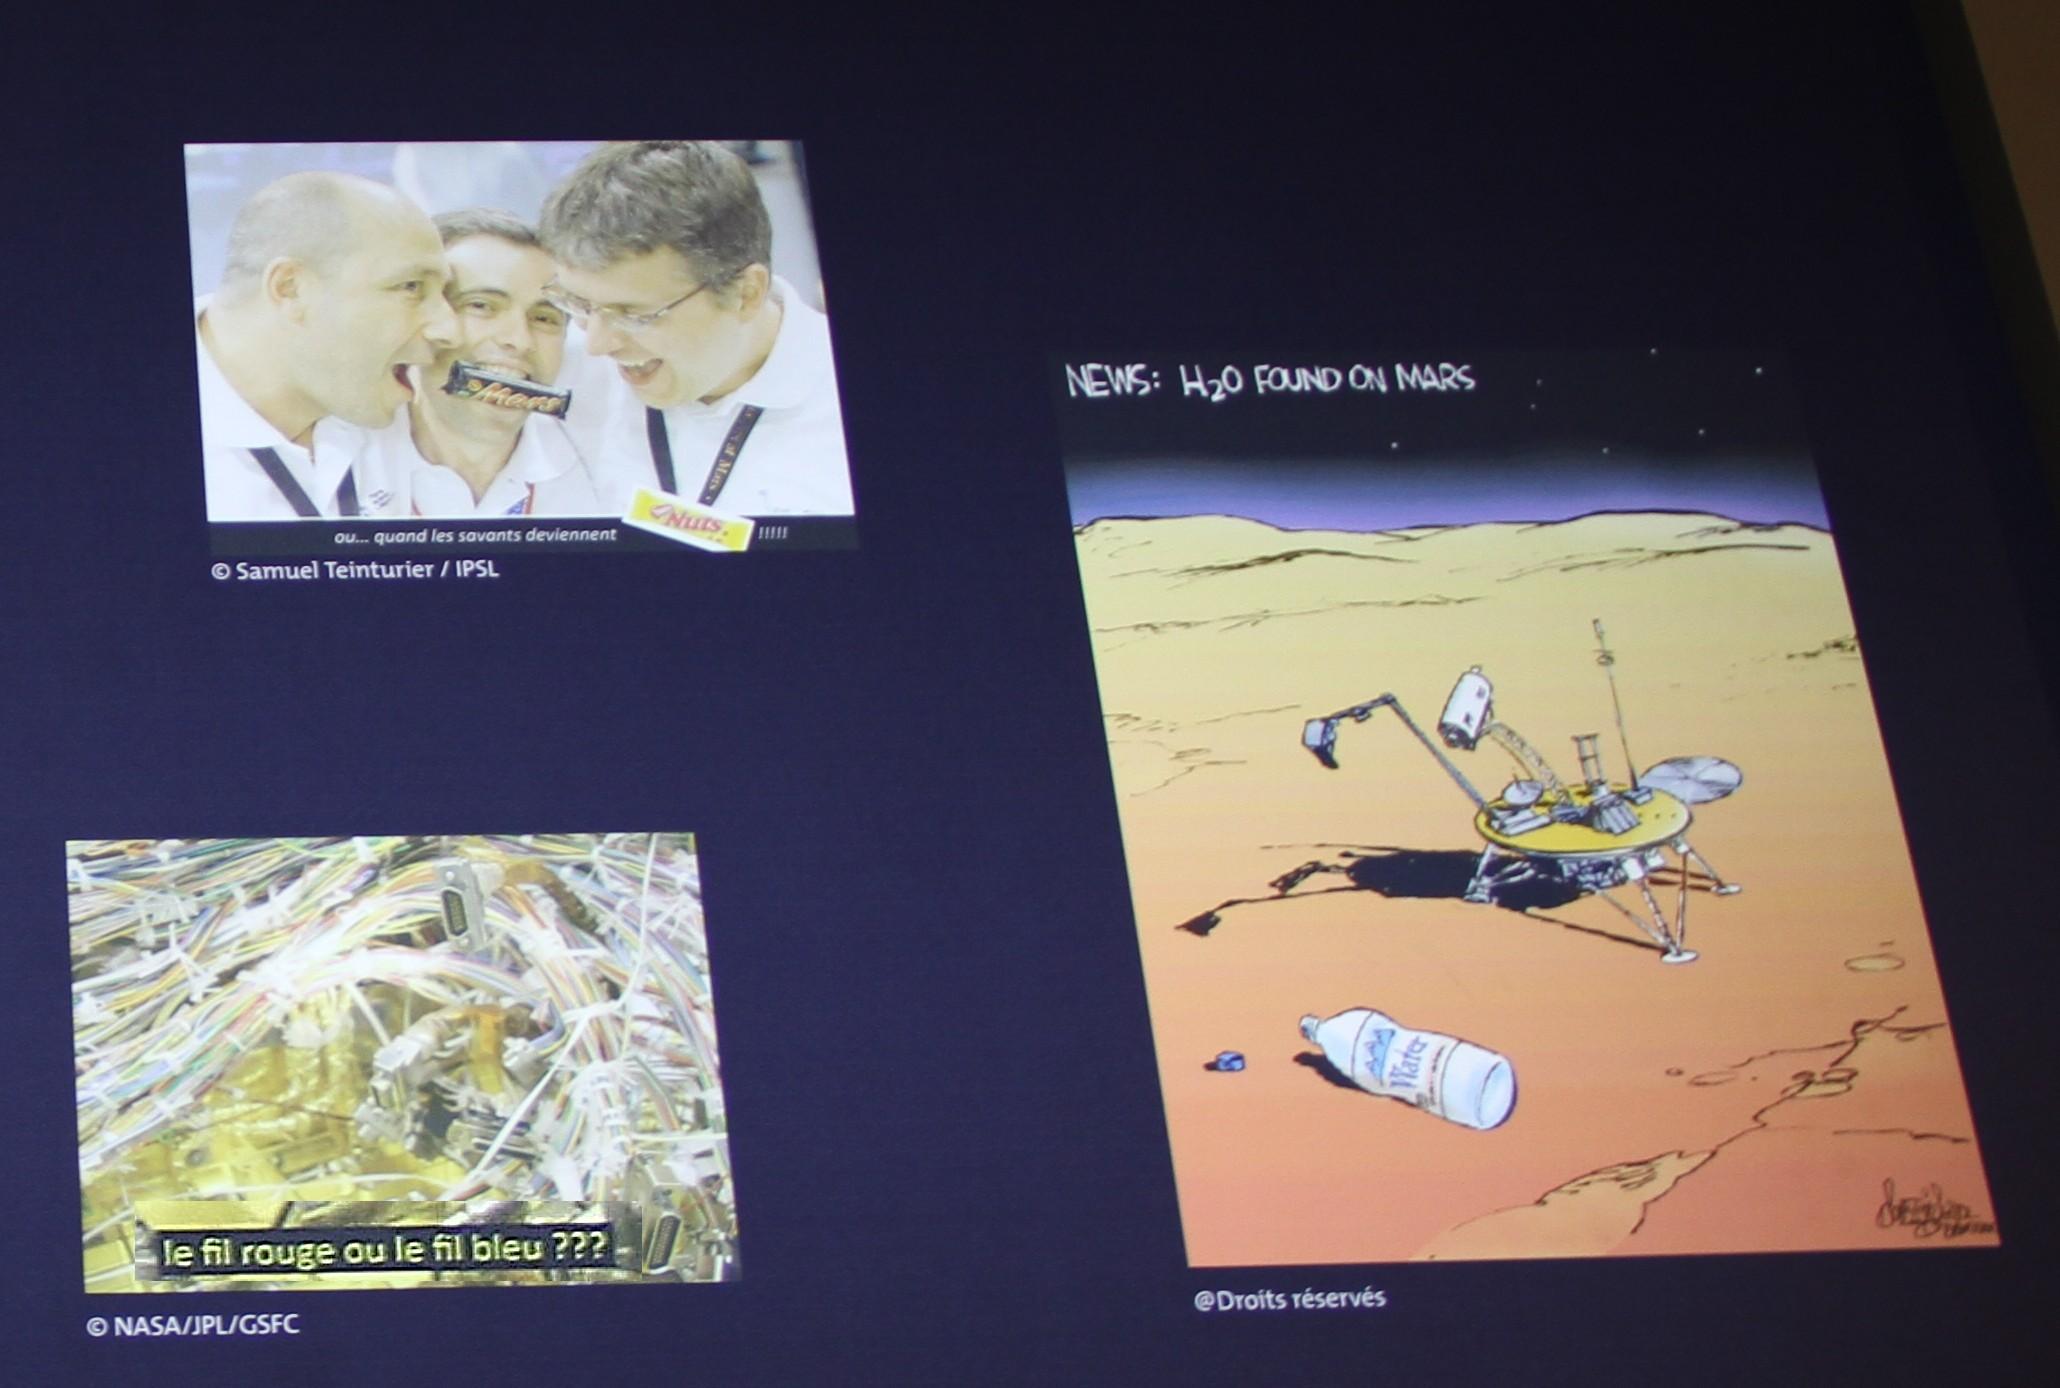 14 12 18 - 17h 43m 49s - Expo l'eau sur Mars pavillon de l'eau r2